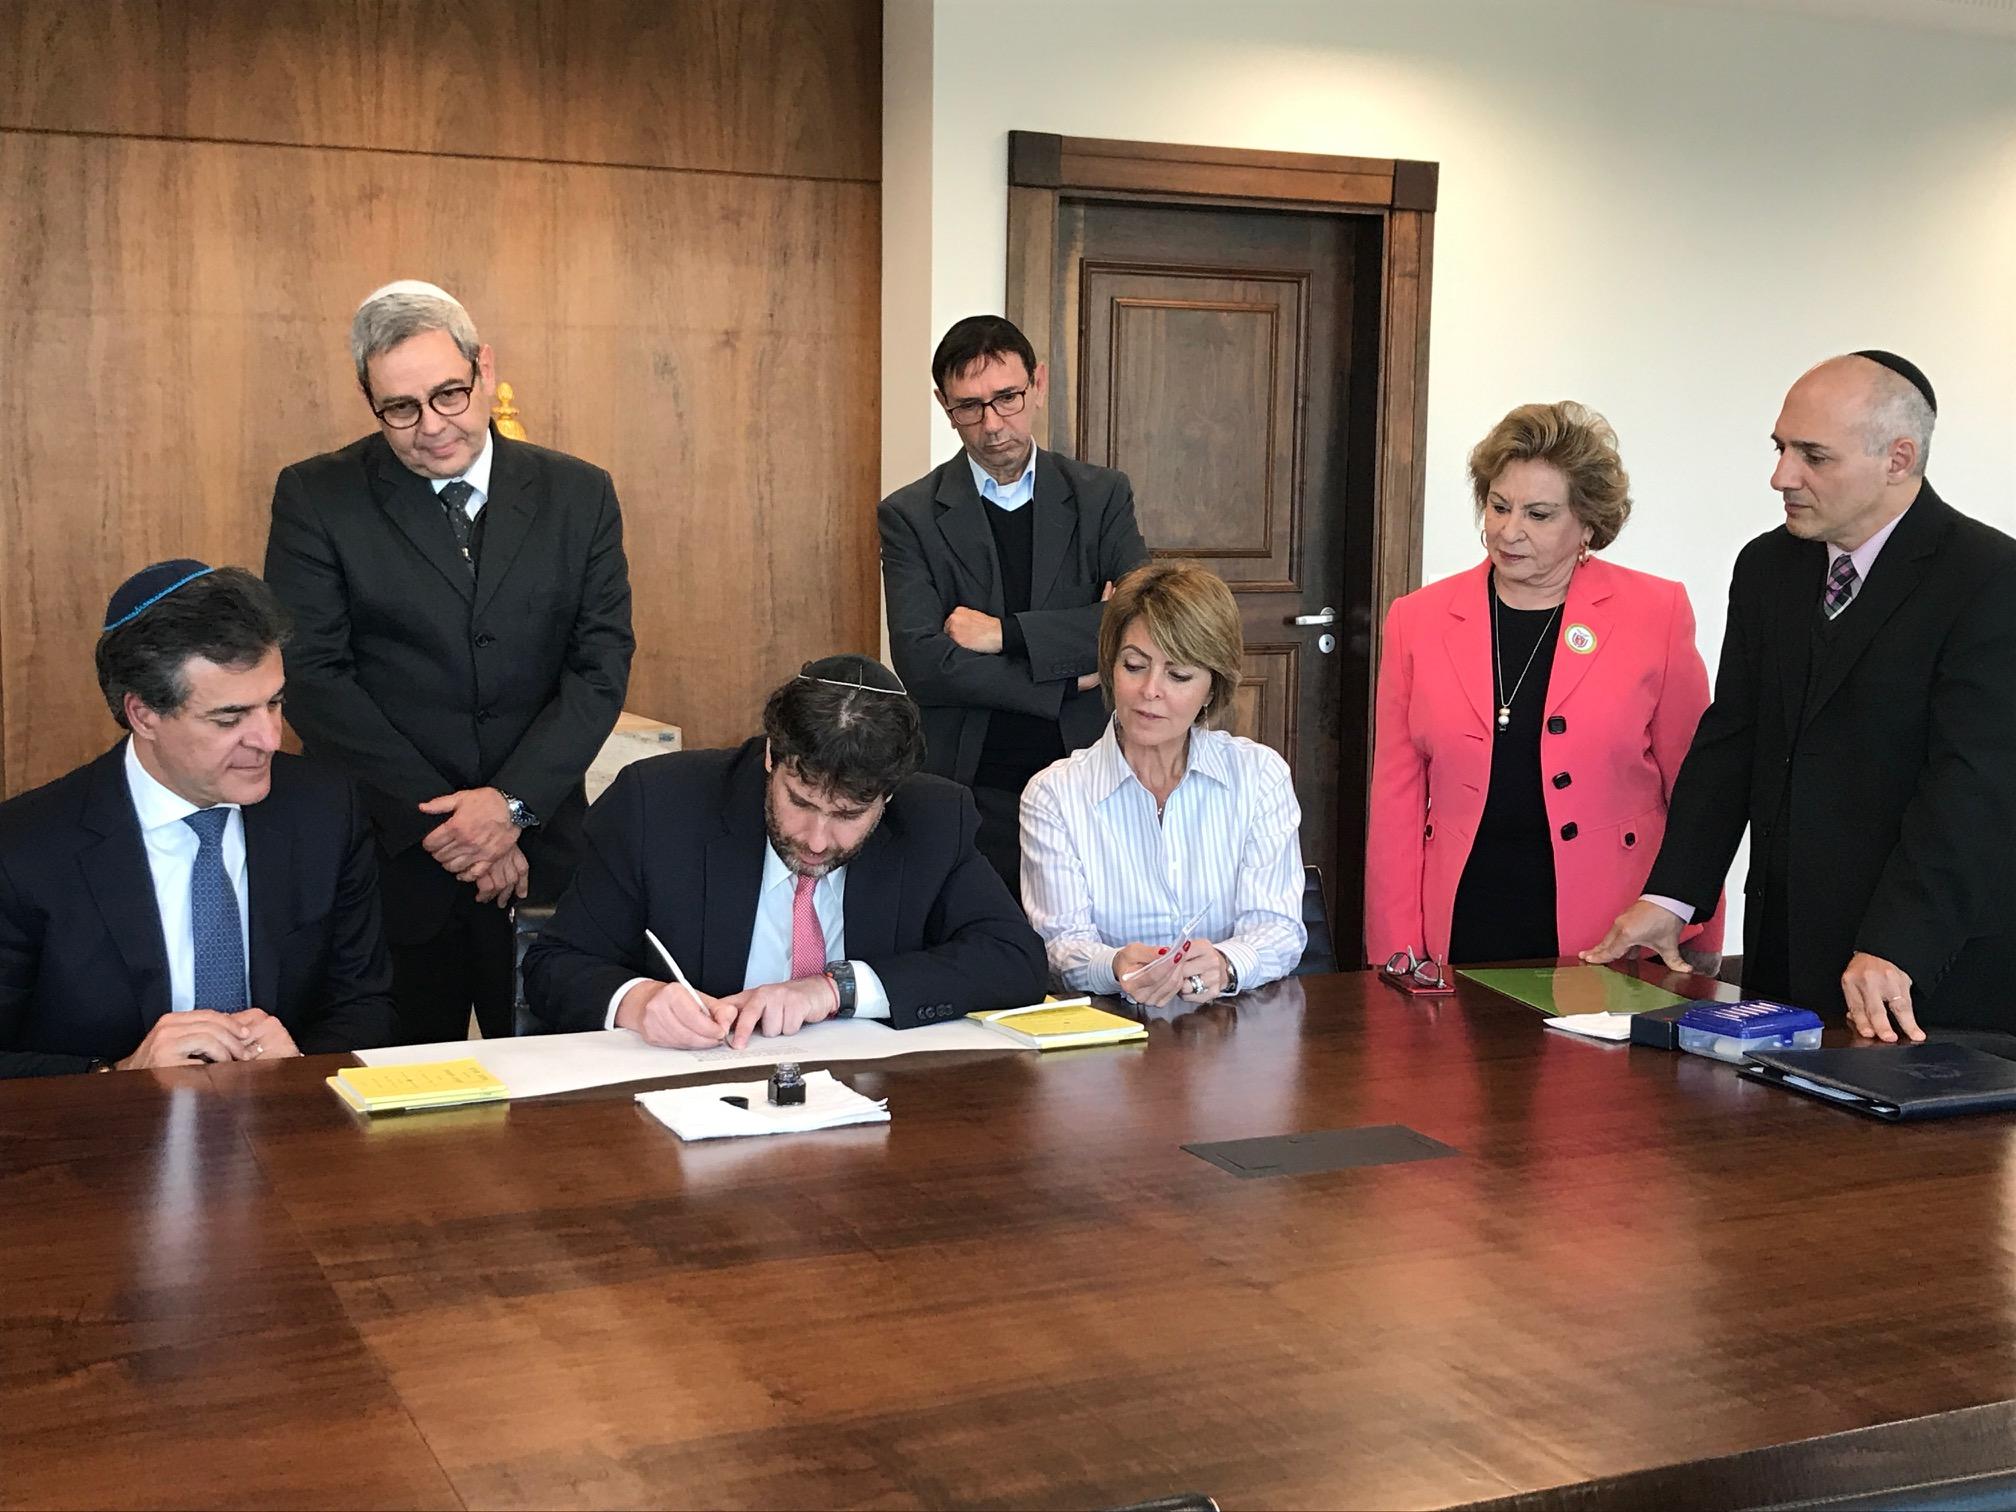 Comunidade judaica apresenta projeto Sefer Torá a Beto Richa e Rafael Greca